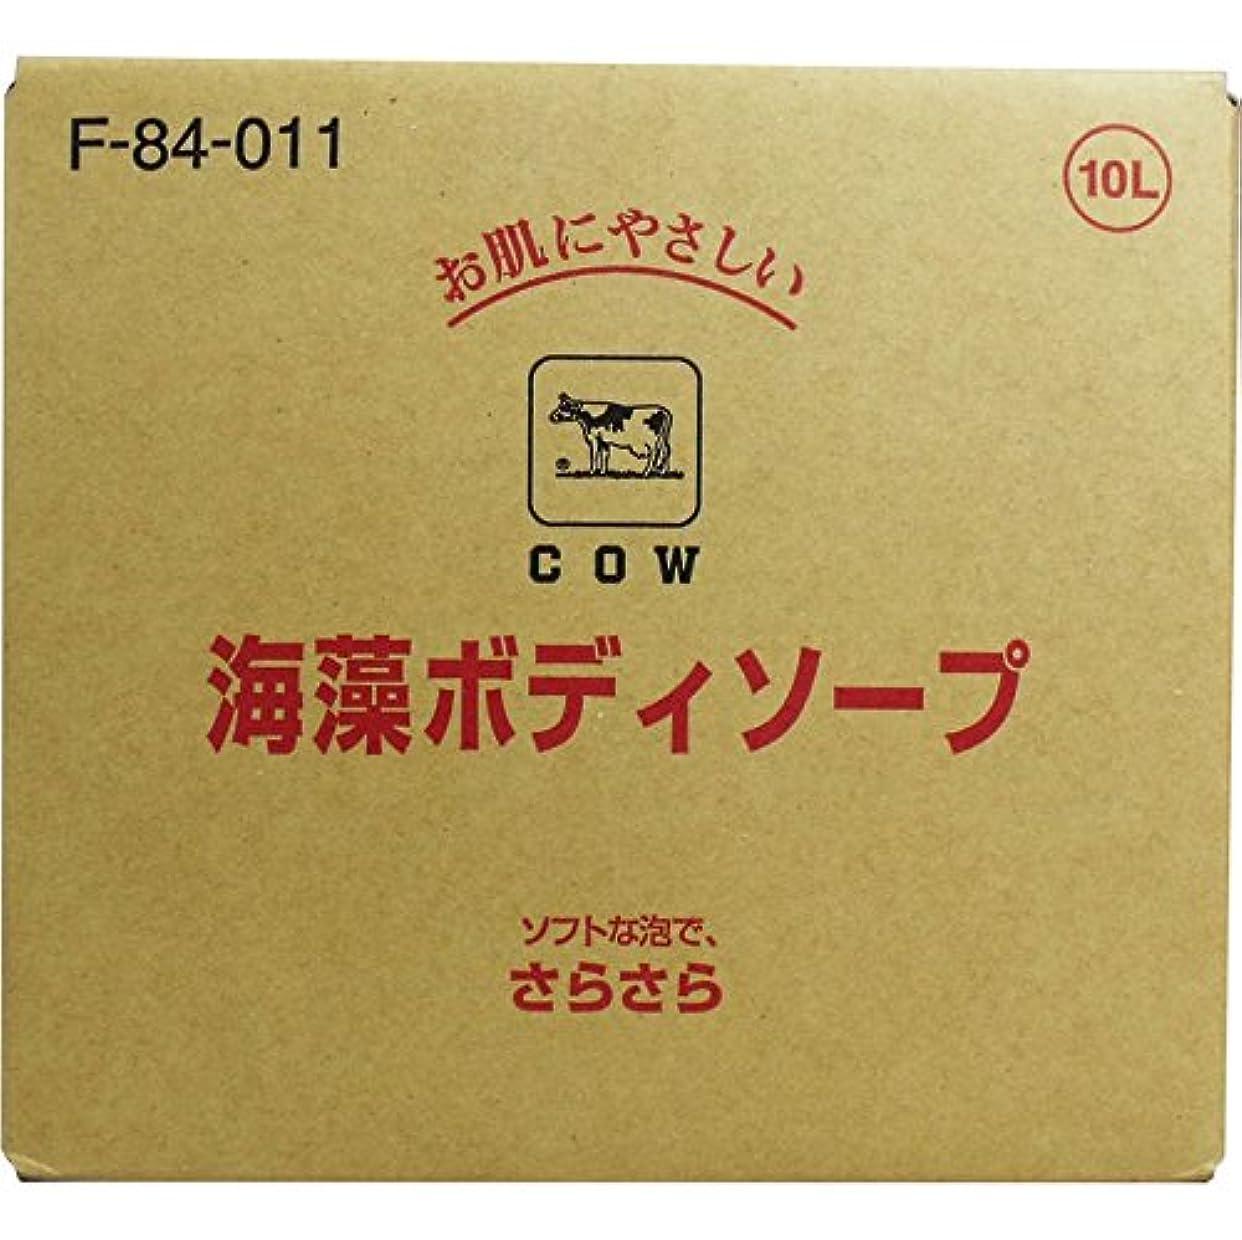 エール登場サスペンドボディ 石けん詰め替え さらさらした洗い心地 便利商品 牛乳ブランド 海藻ボディソープ 業務用 10L